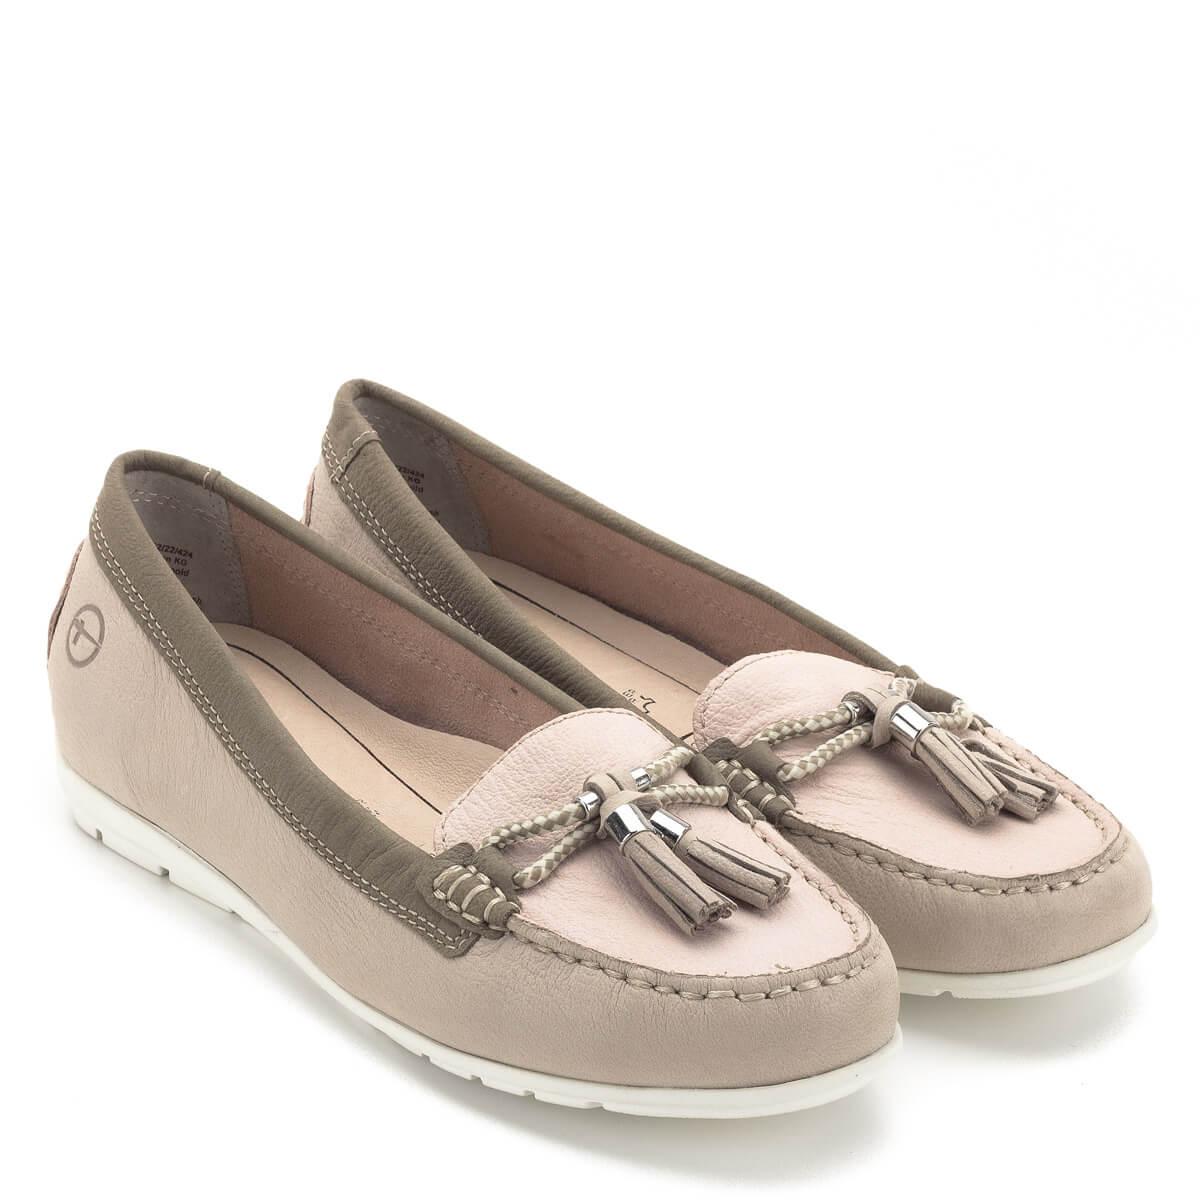 Tamaris cipő rózsaszín és drapp bőr kombinálásával. Talpbetétje kivehető dc2dceccbe